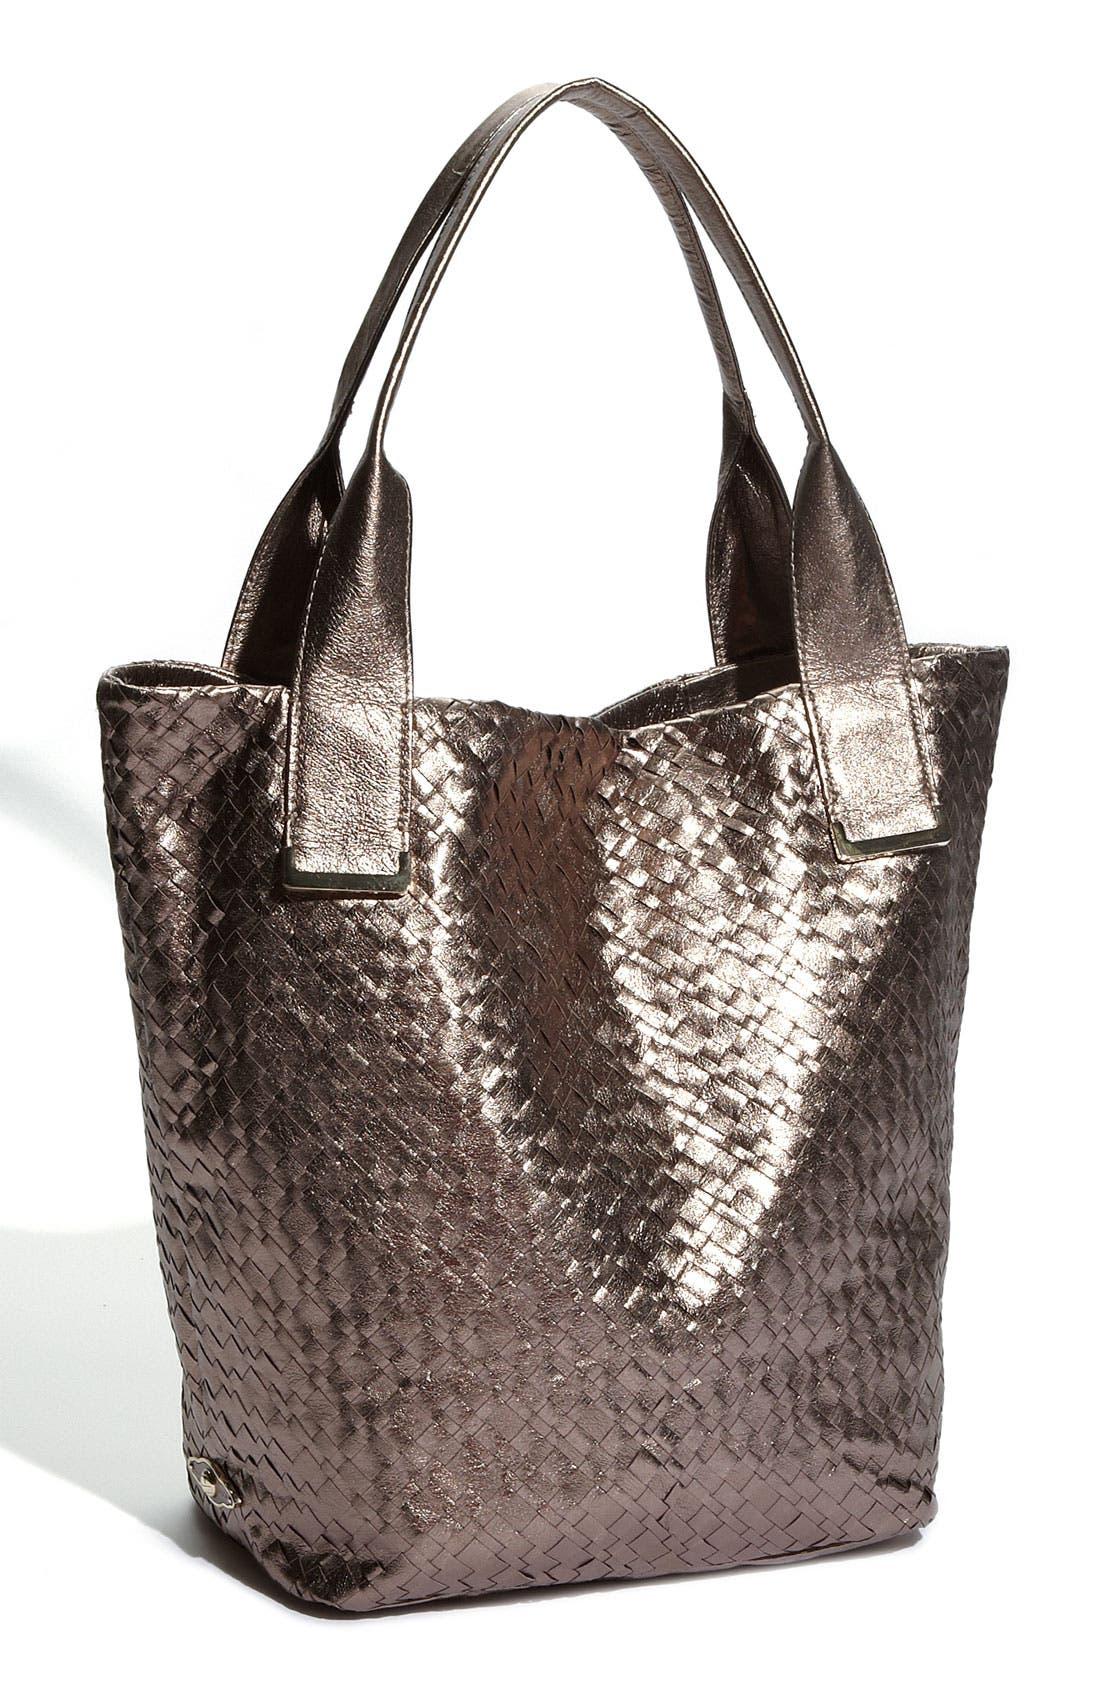 Main Image - Elliott Lucca 'Intreccio' Leather Tote, Large